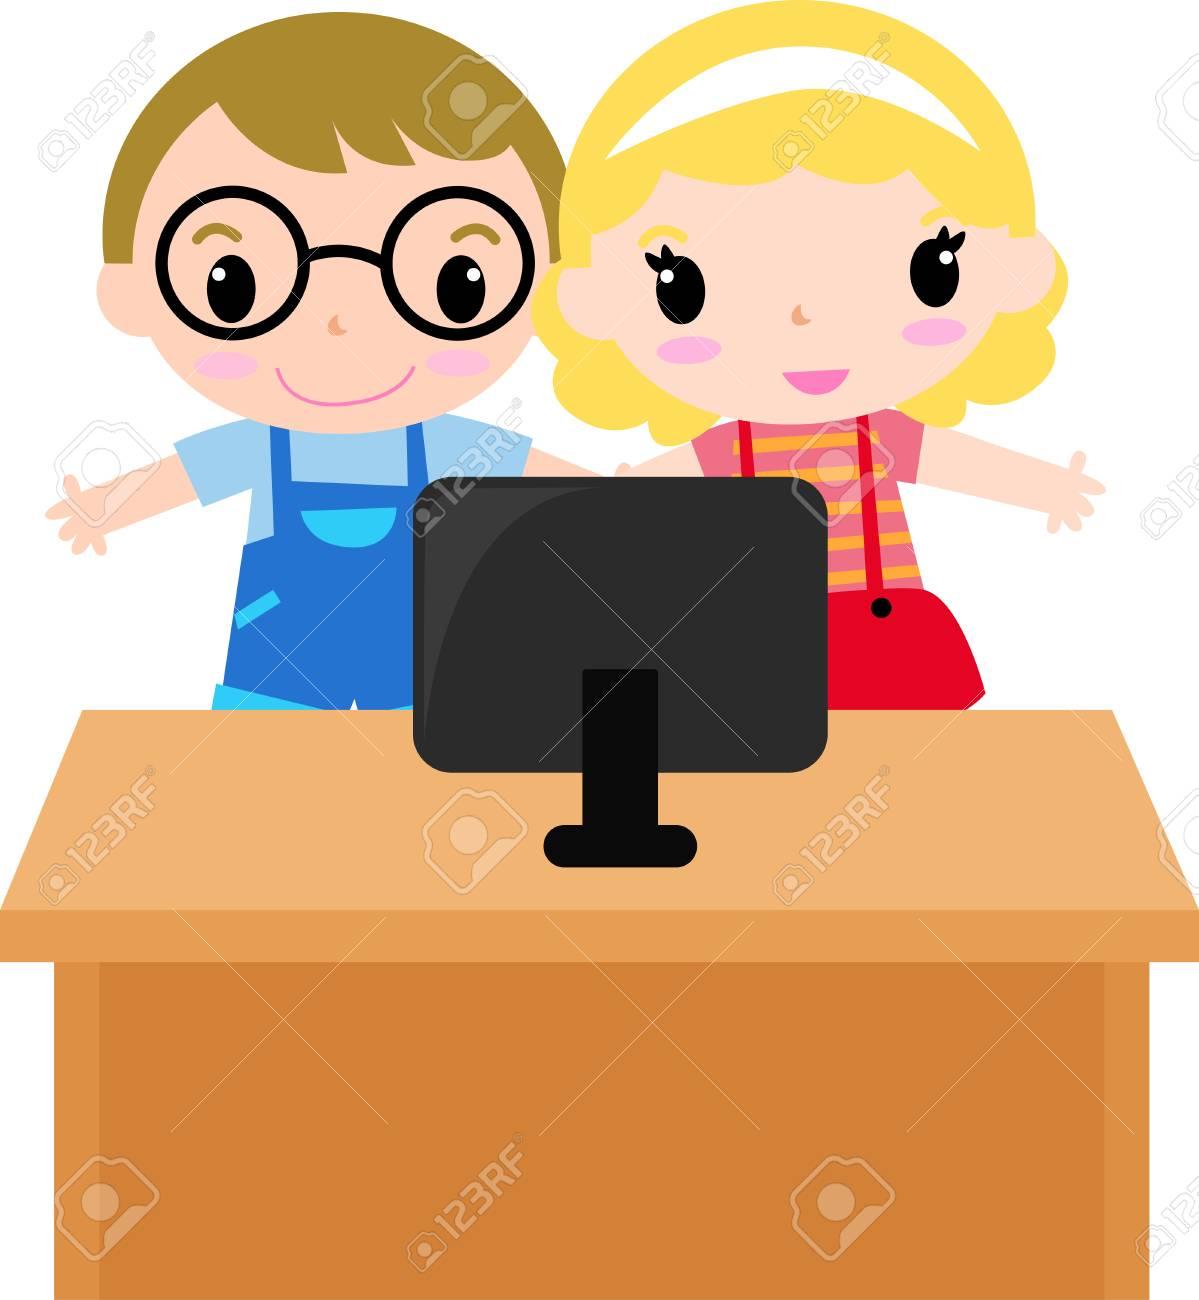 niños delante de un ordenador